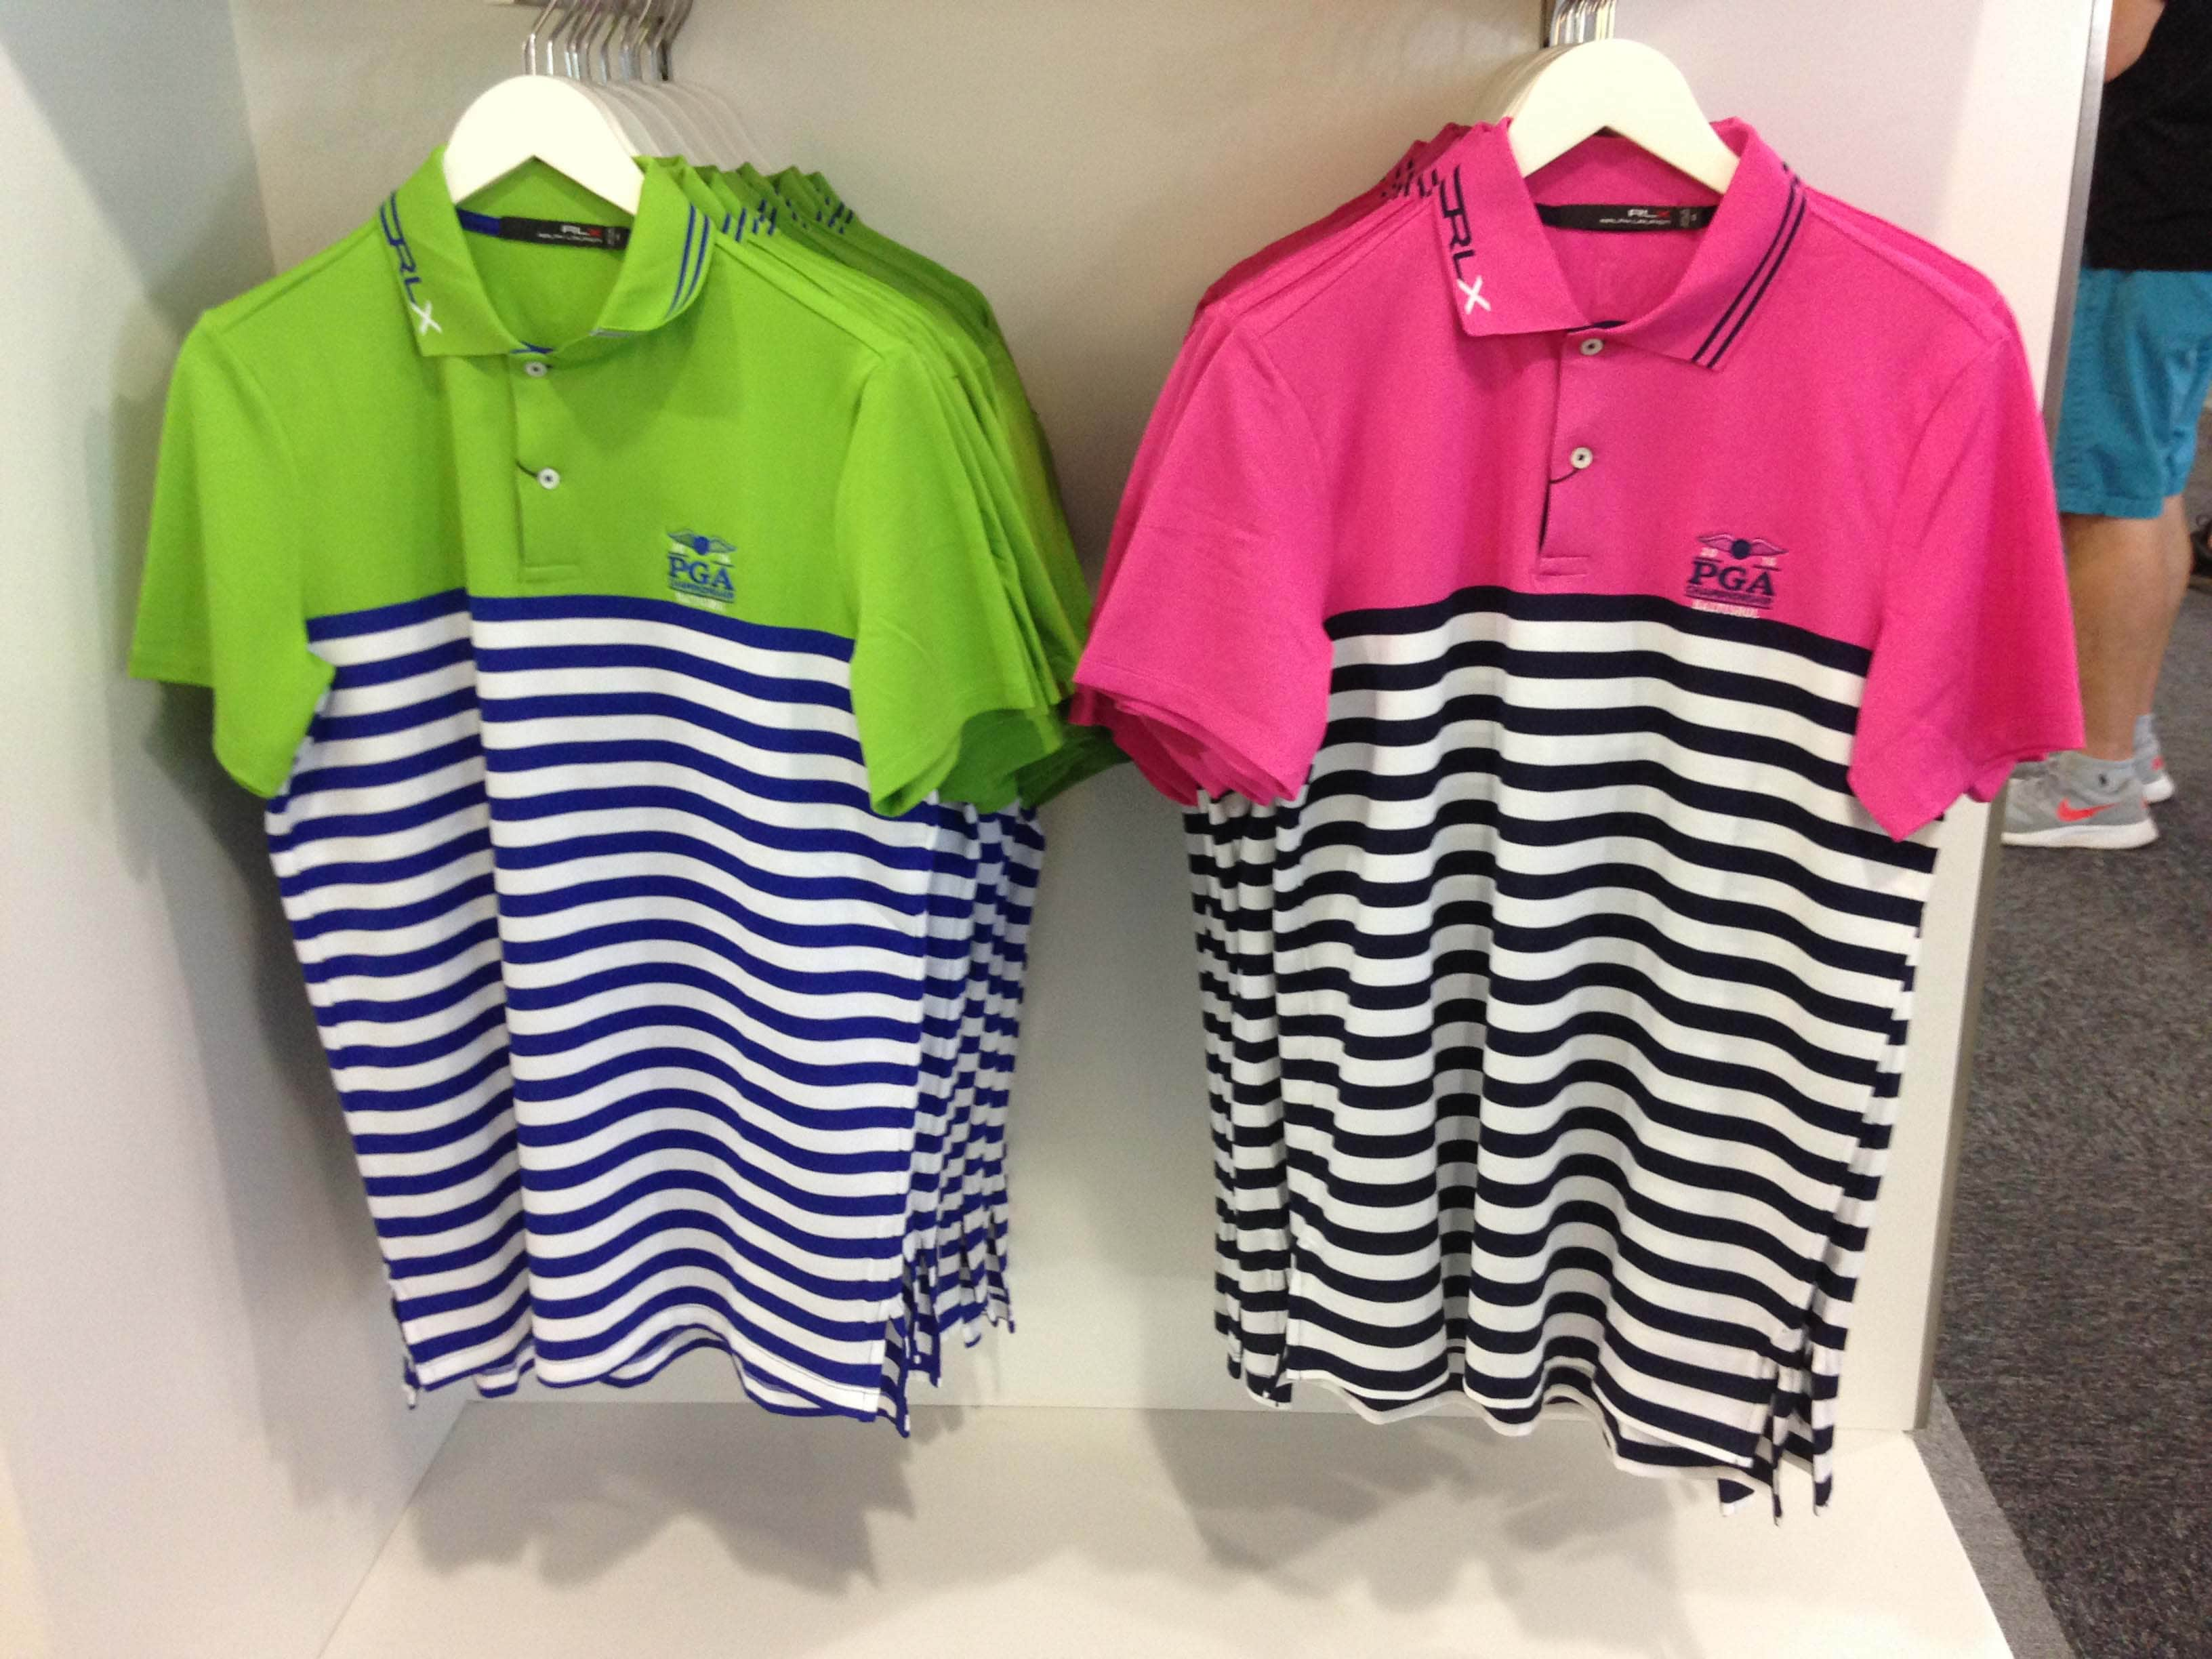 Half zebra-striped men's shirts